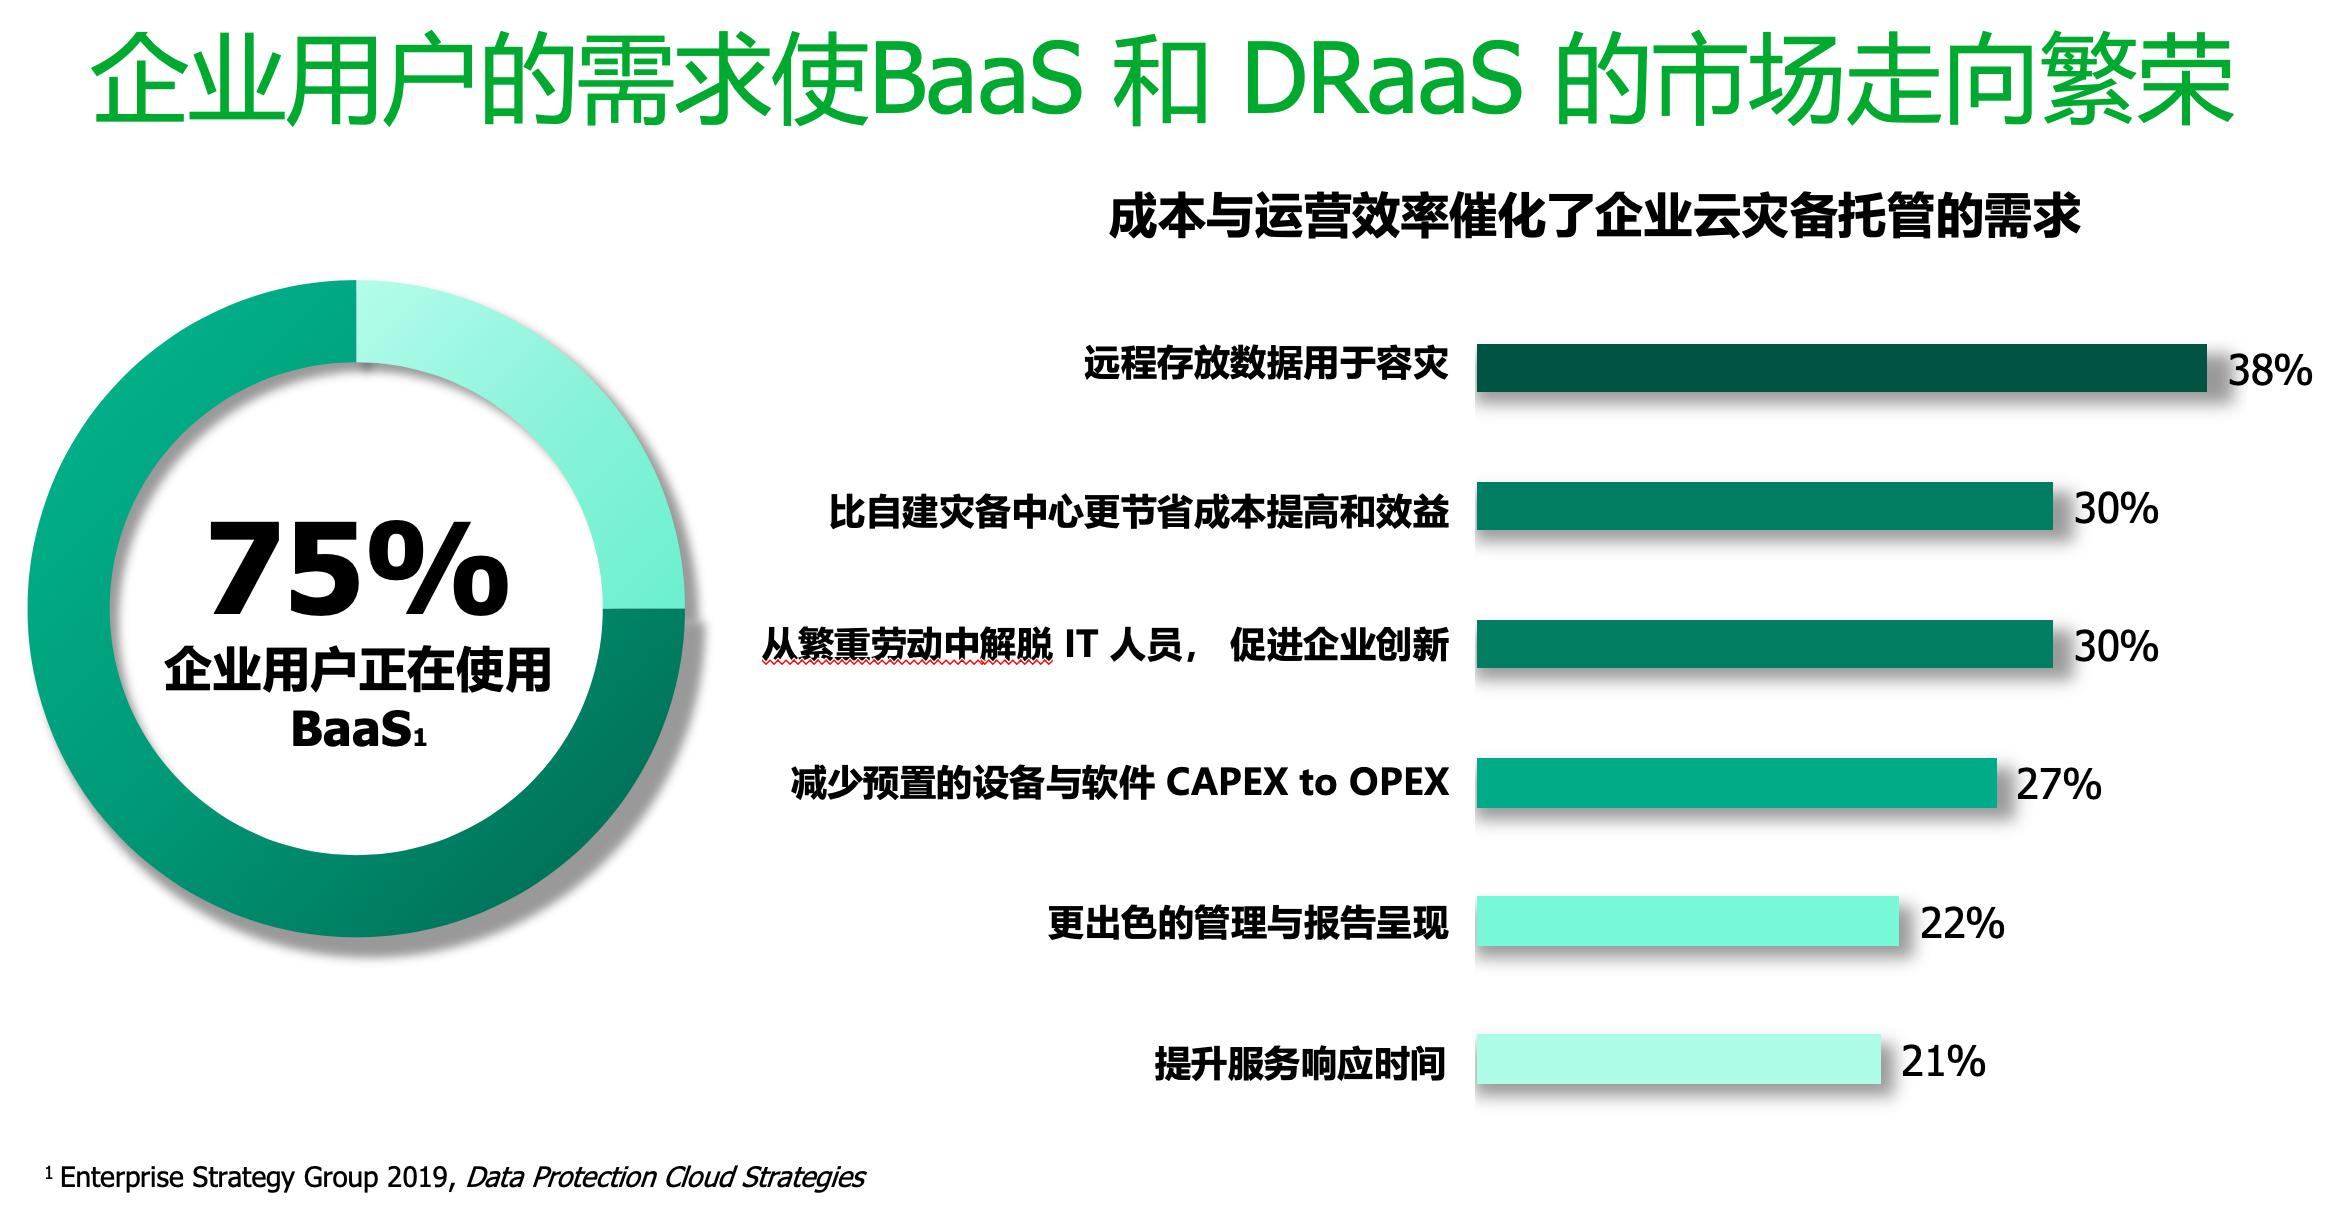 BaaS和DRaaS市场走向繁荣